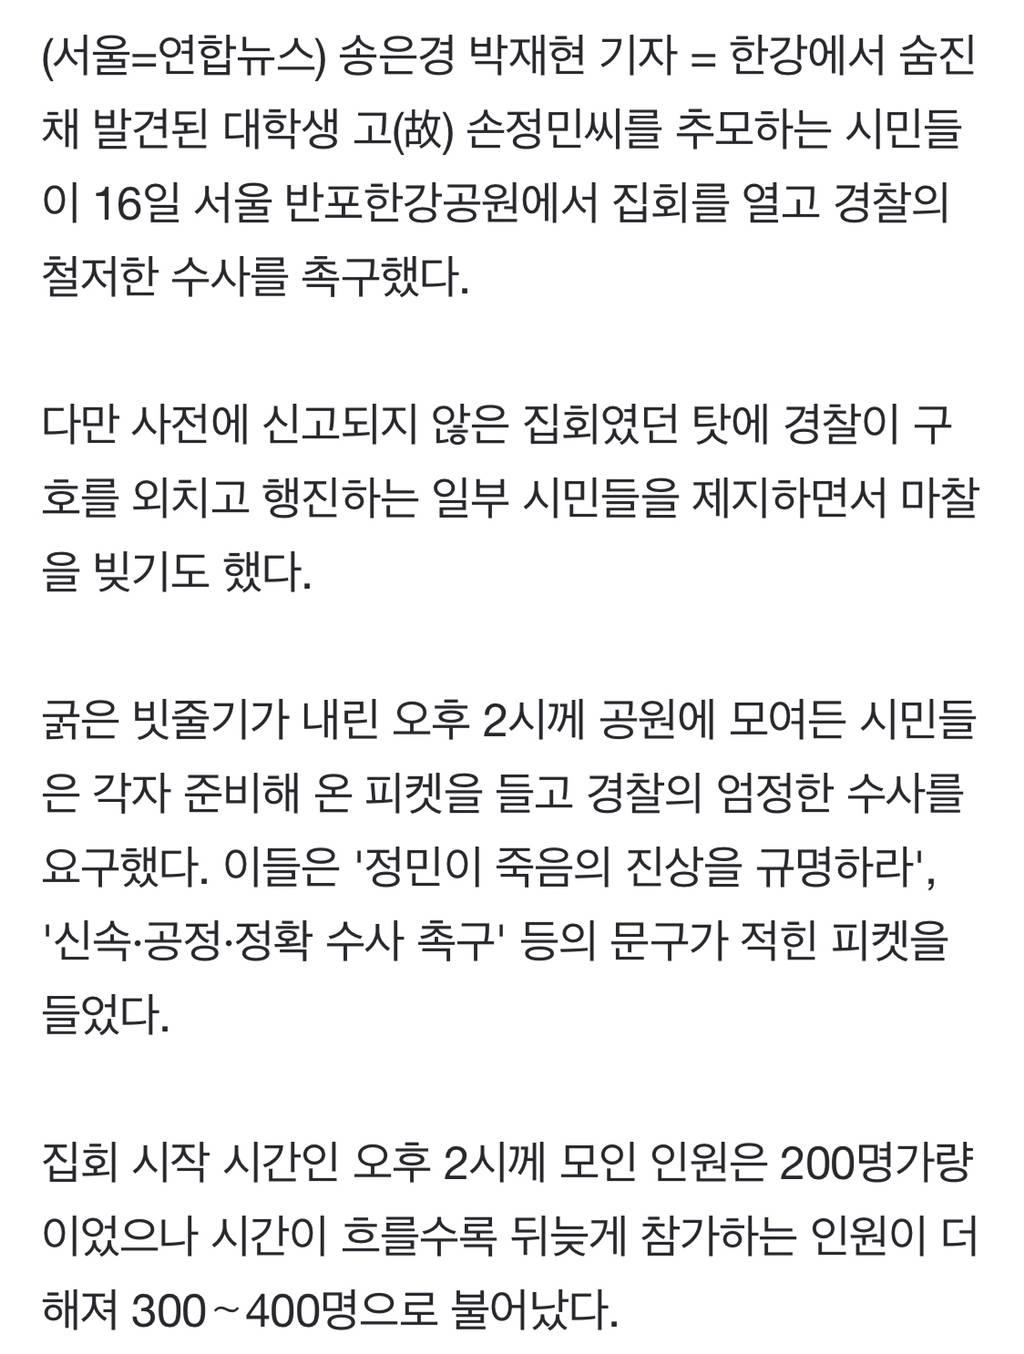 '故손정민 추모' 시민들, 구호행진…경찰과 몸싸움(종합)   인스티즈